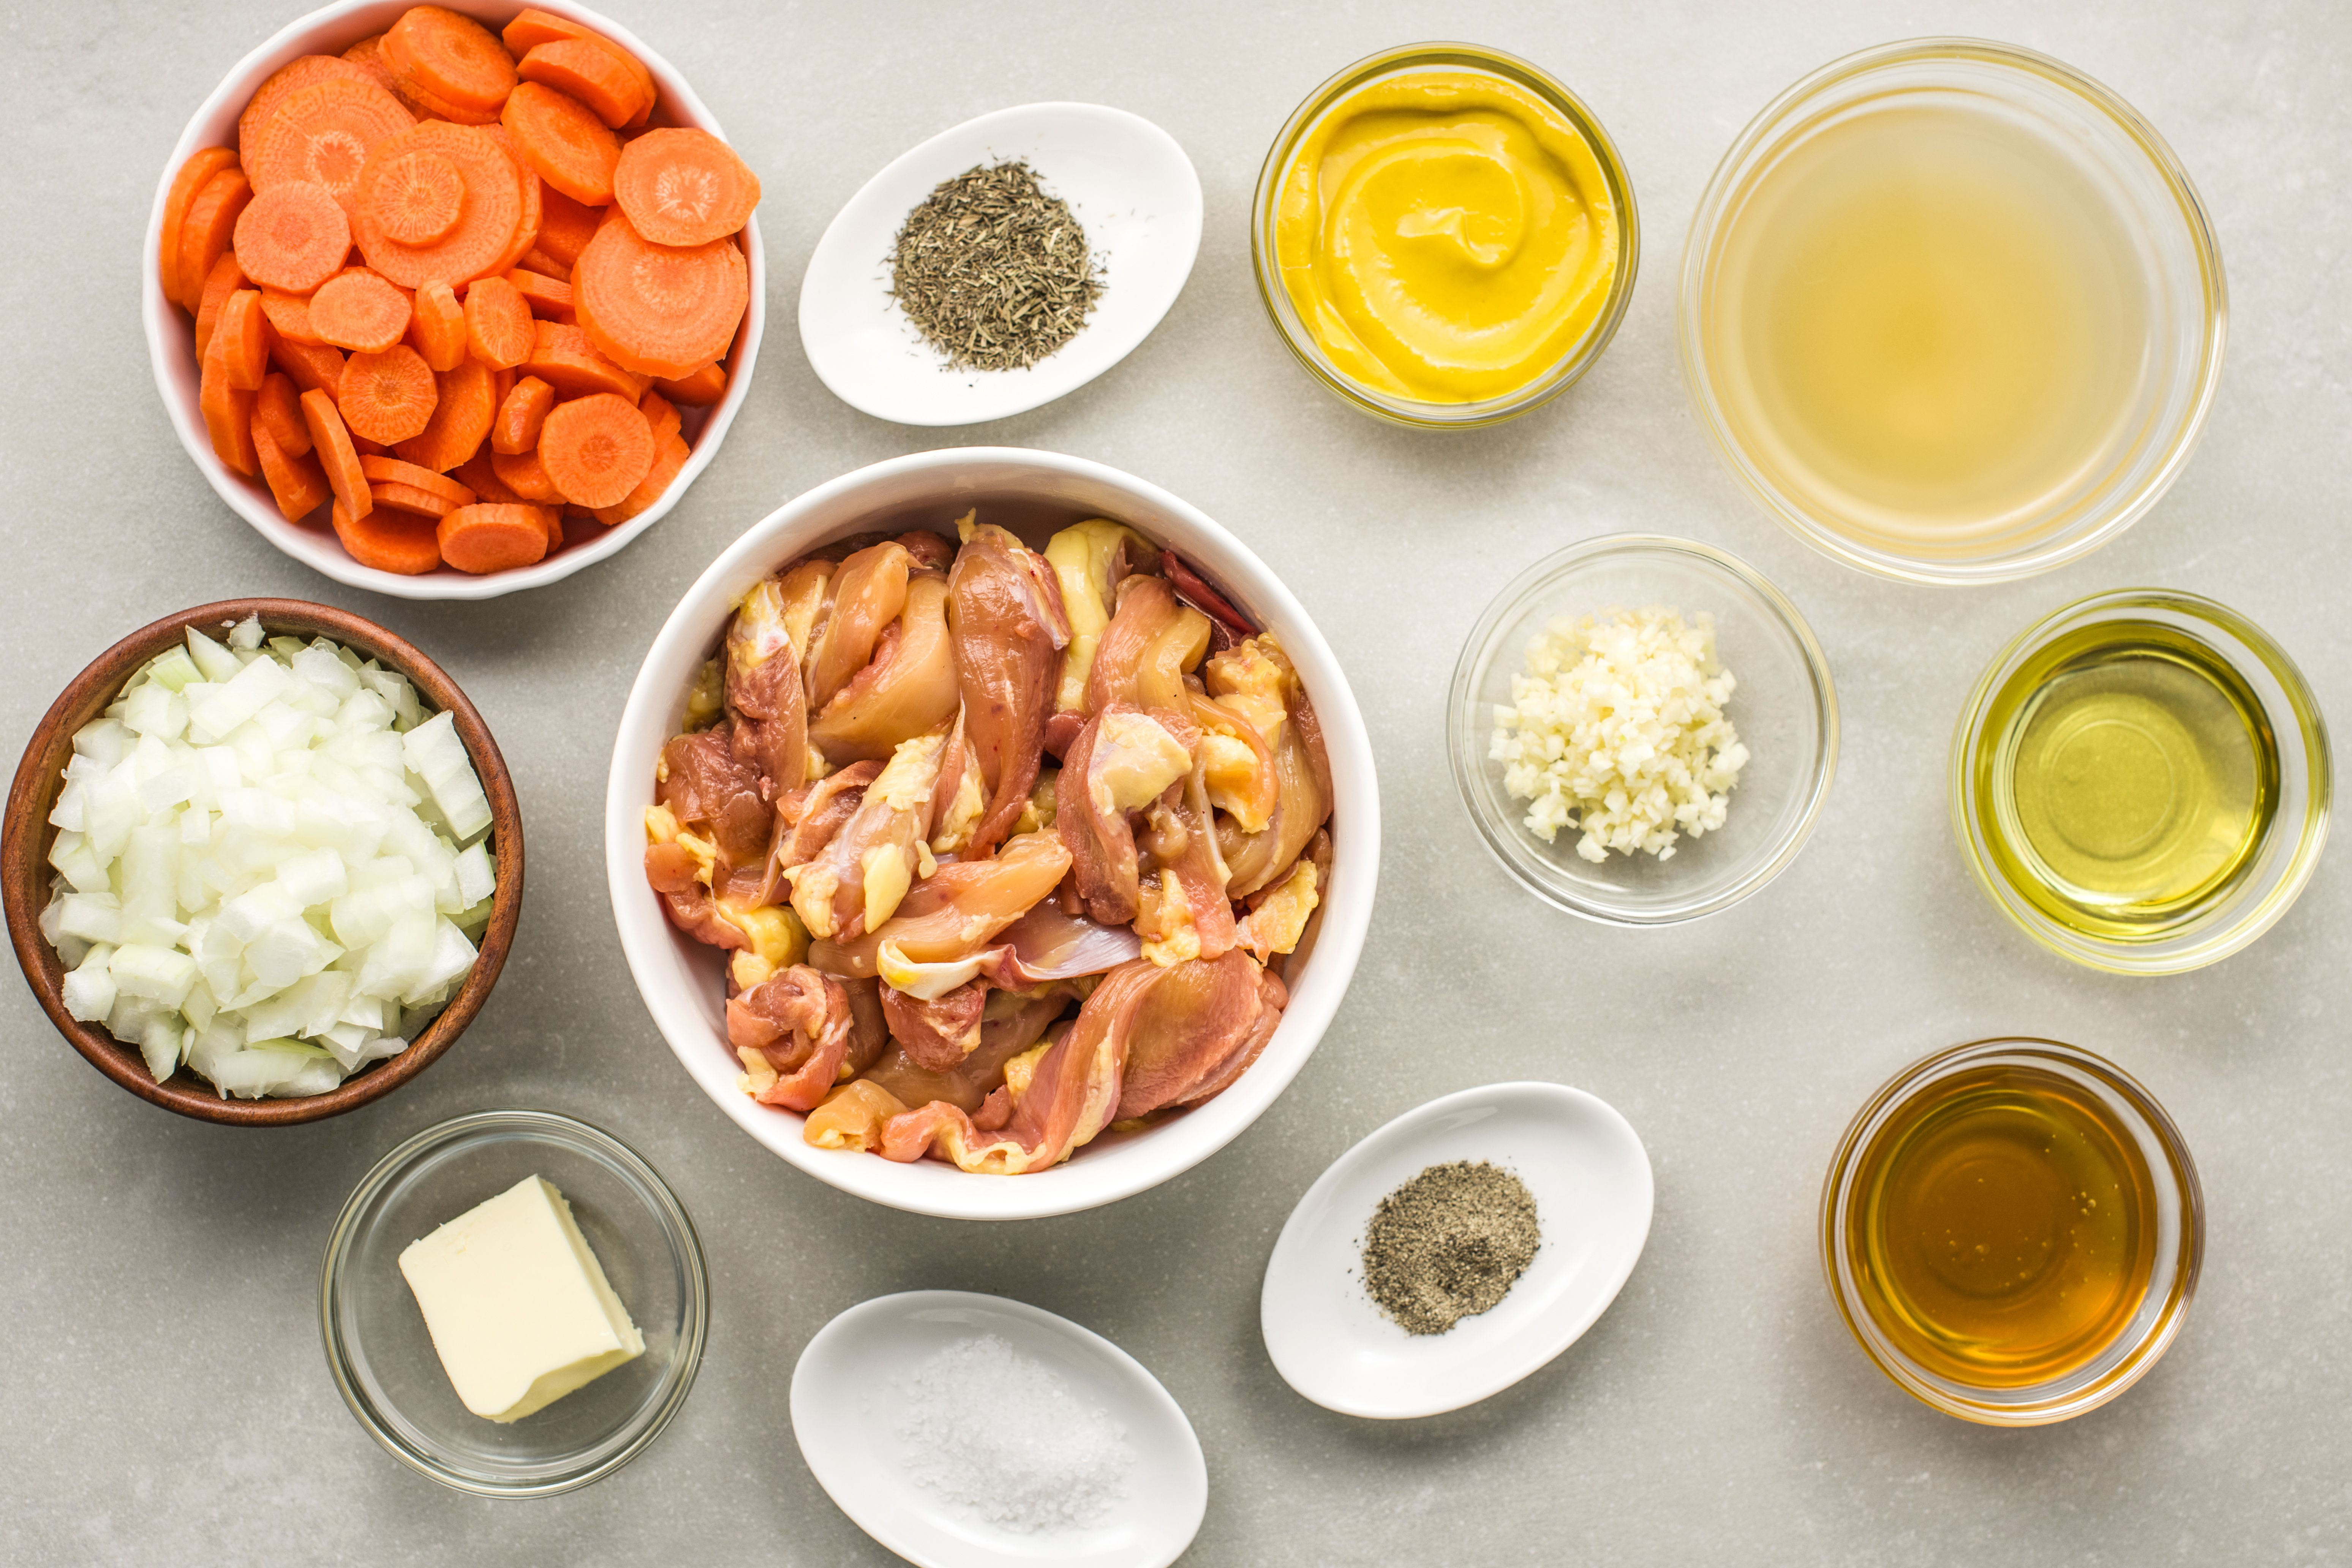 Honey mustard chicken thighs ingredients